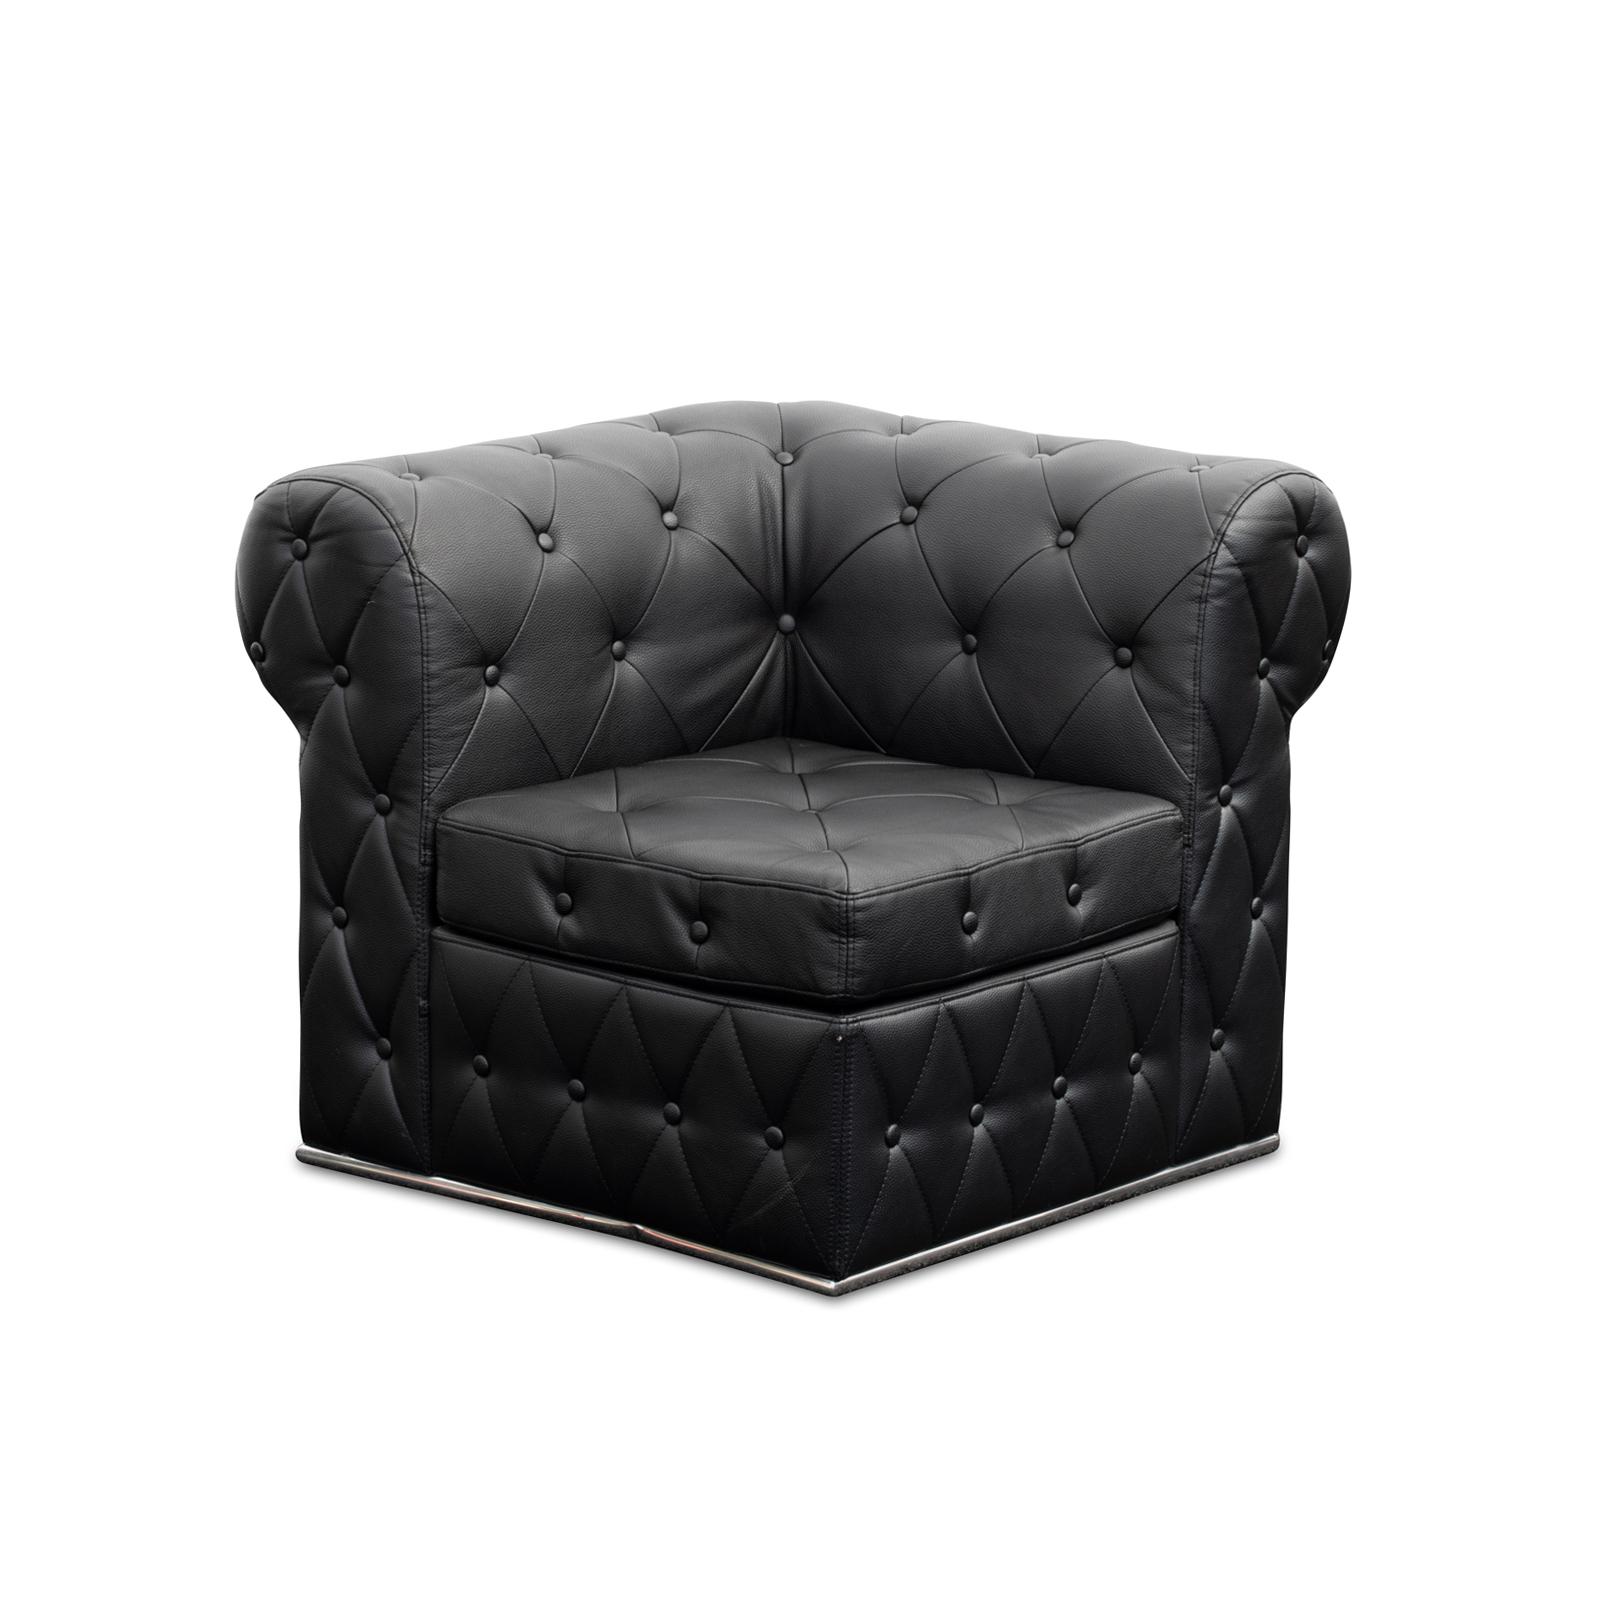 Lounge Furniture : BLACK TUFTED SOFA, CORNER | Baker Party ...